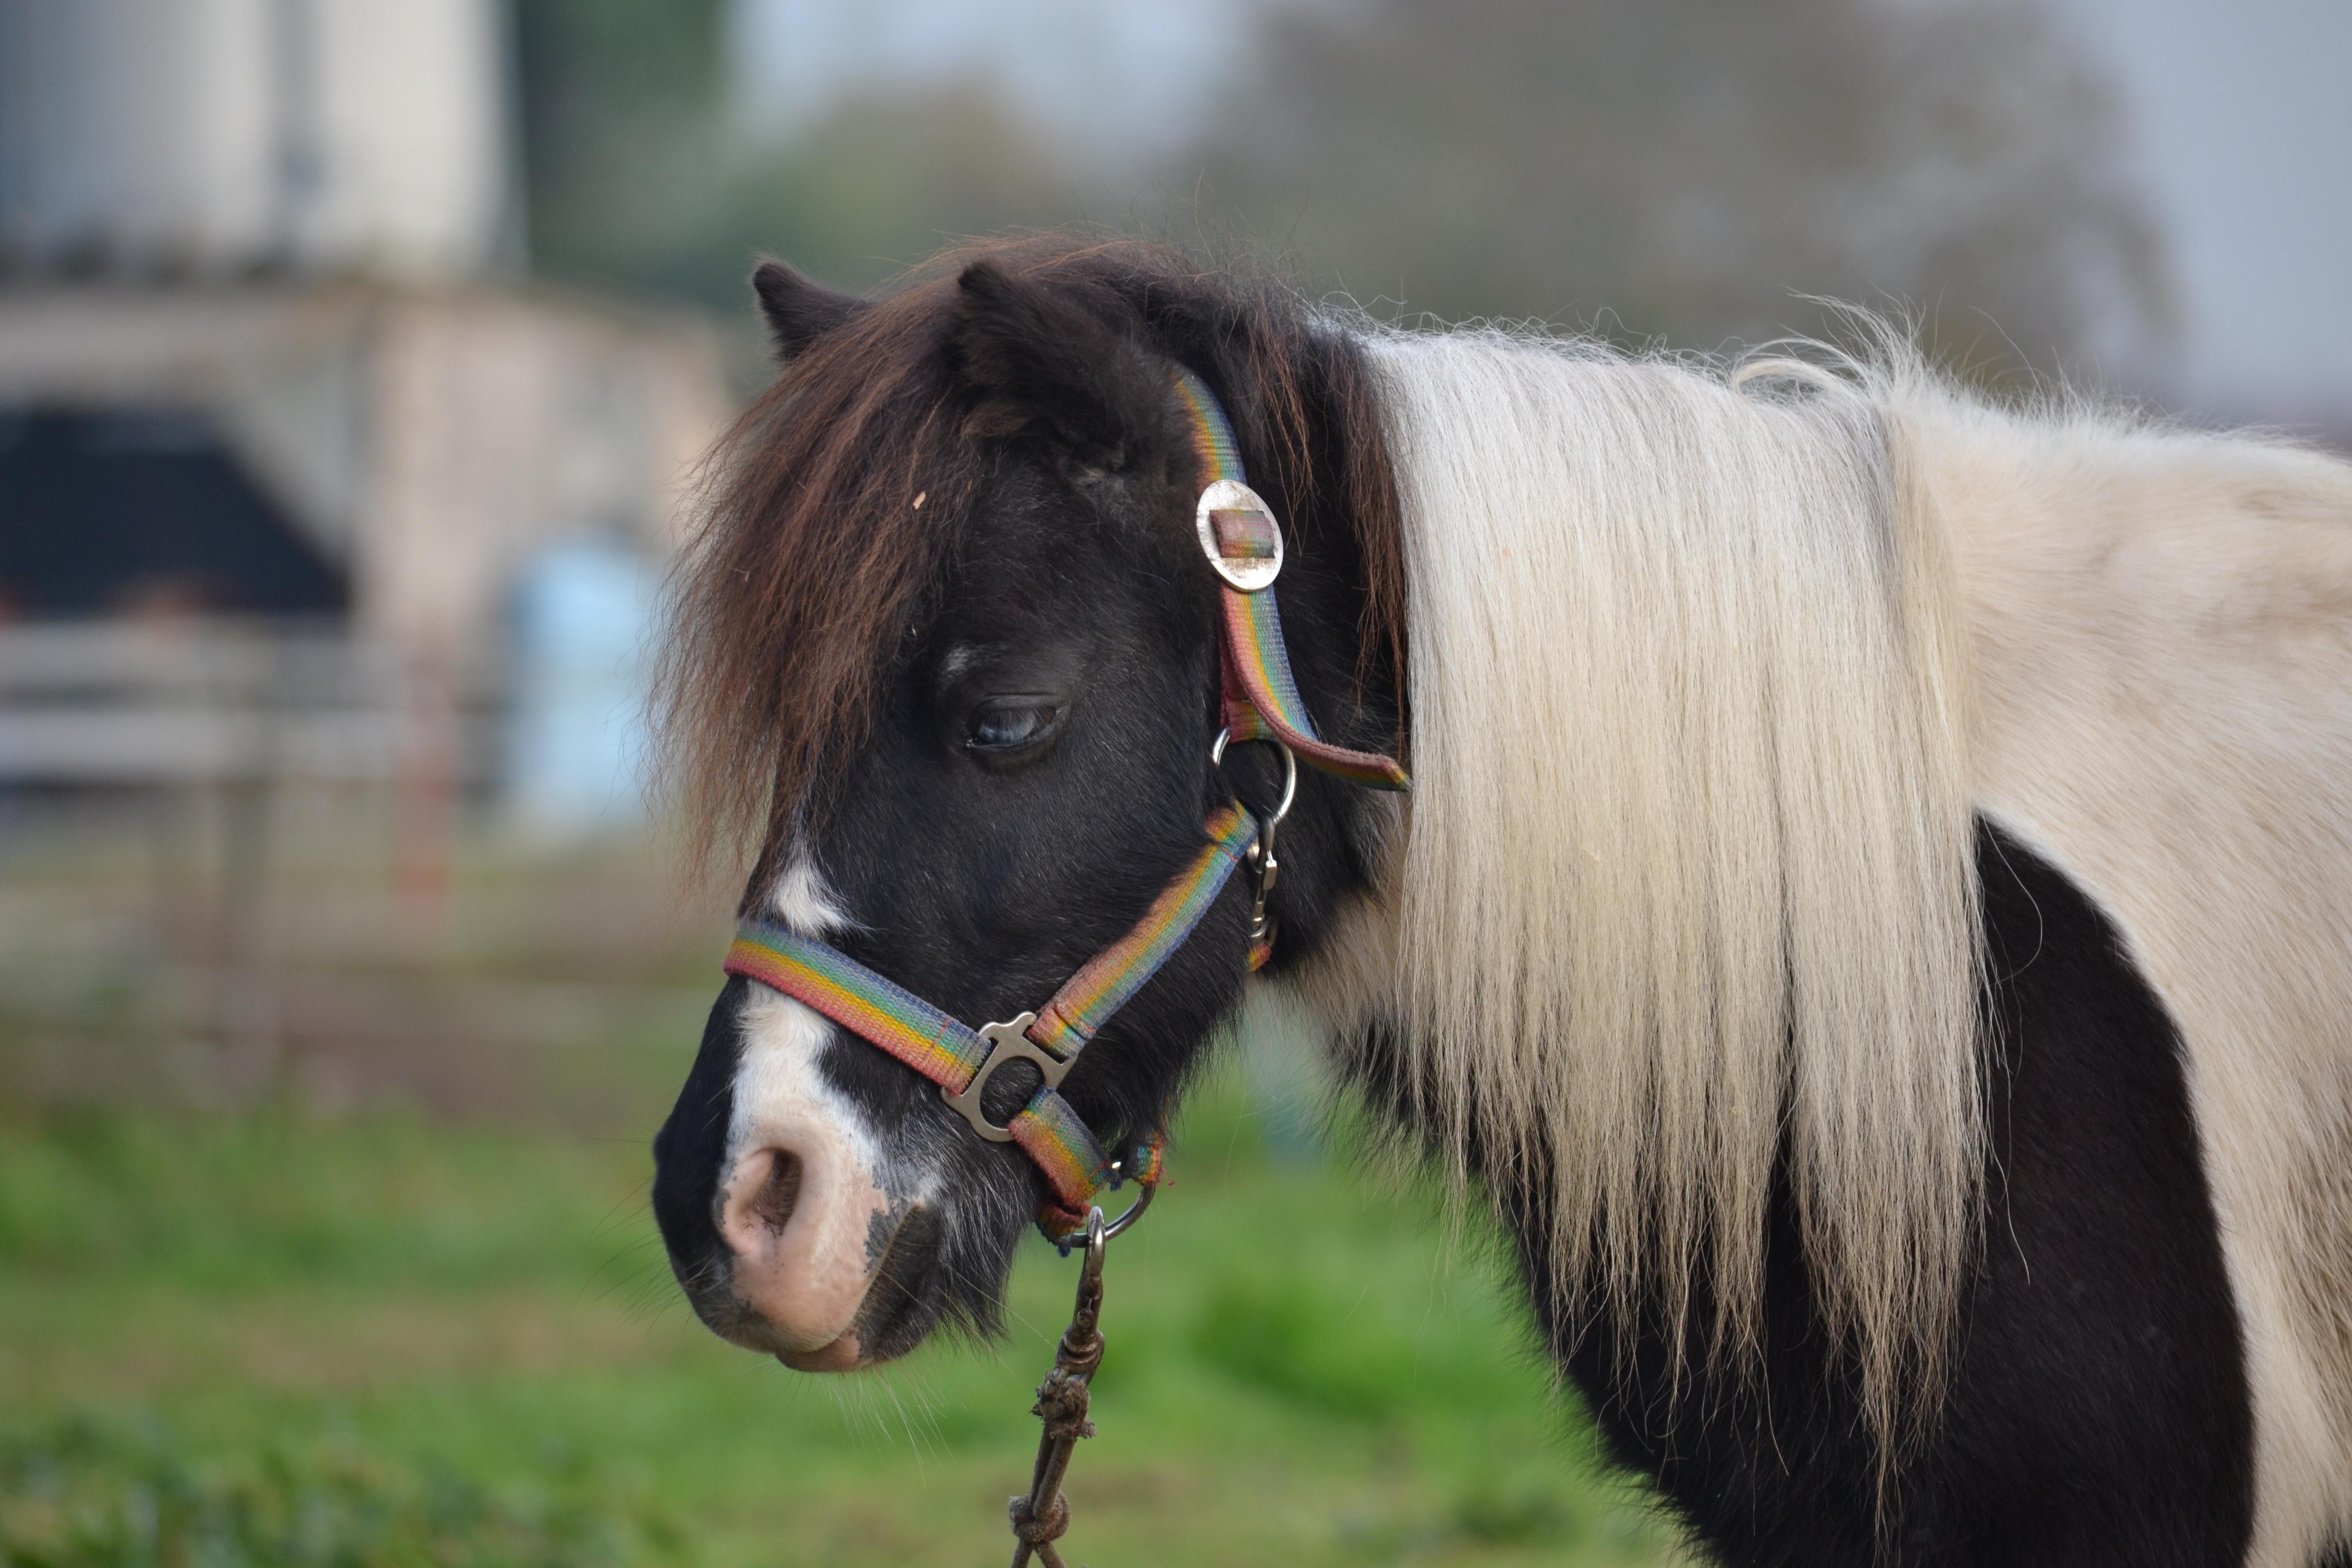 I cavalli e le carrozze a s d cavalli e carrozze for Disegno cavallo stilizzato